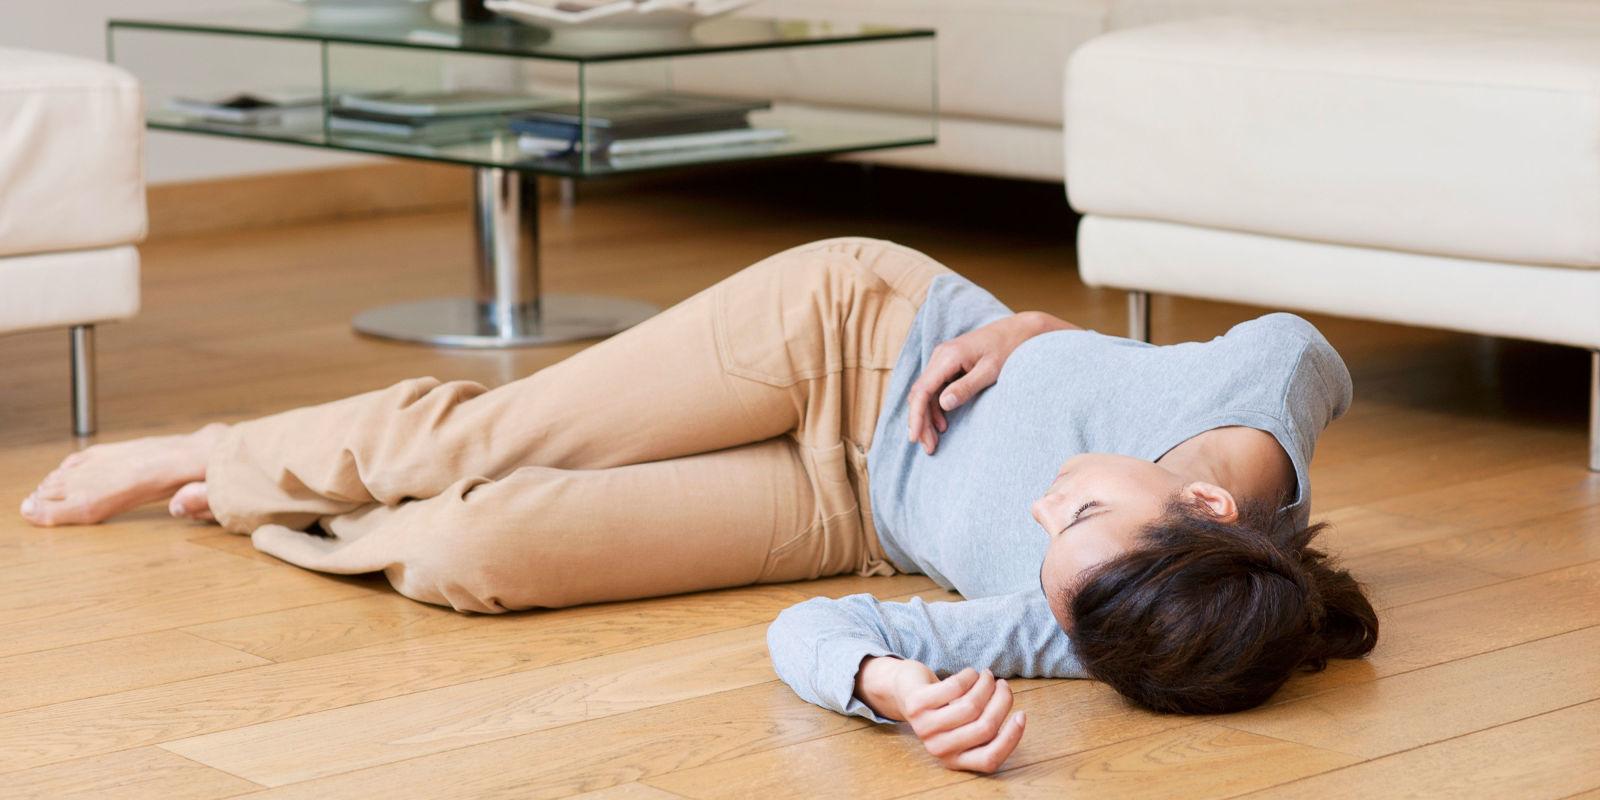 Обморок может быть беременна если